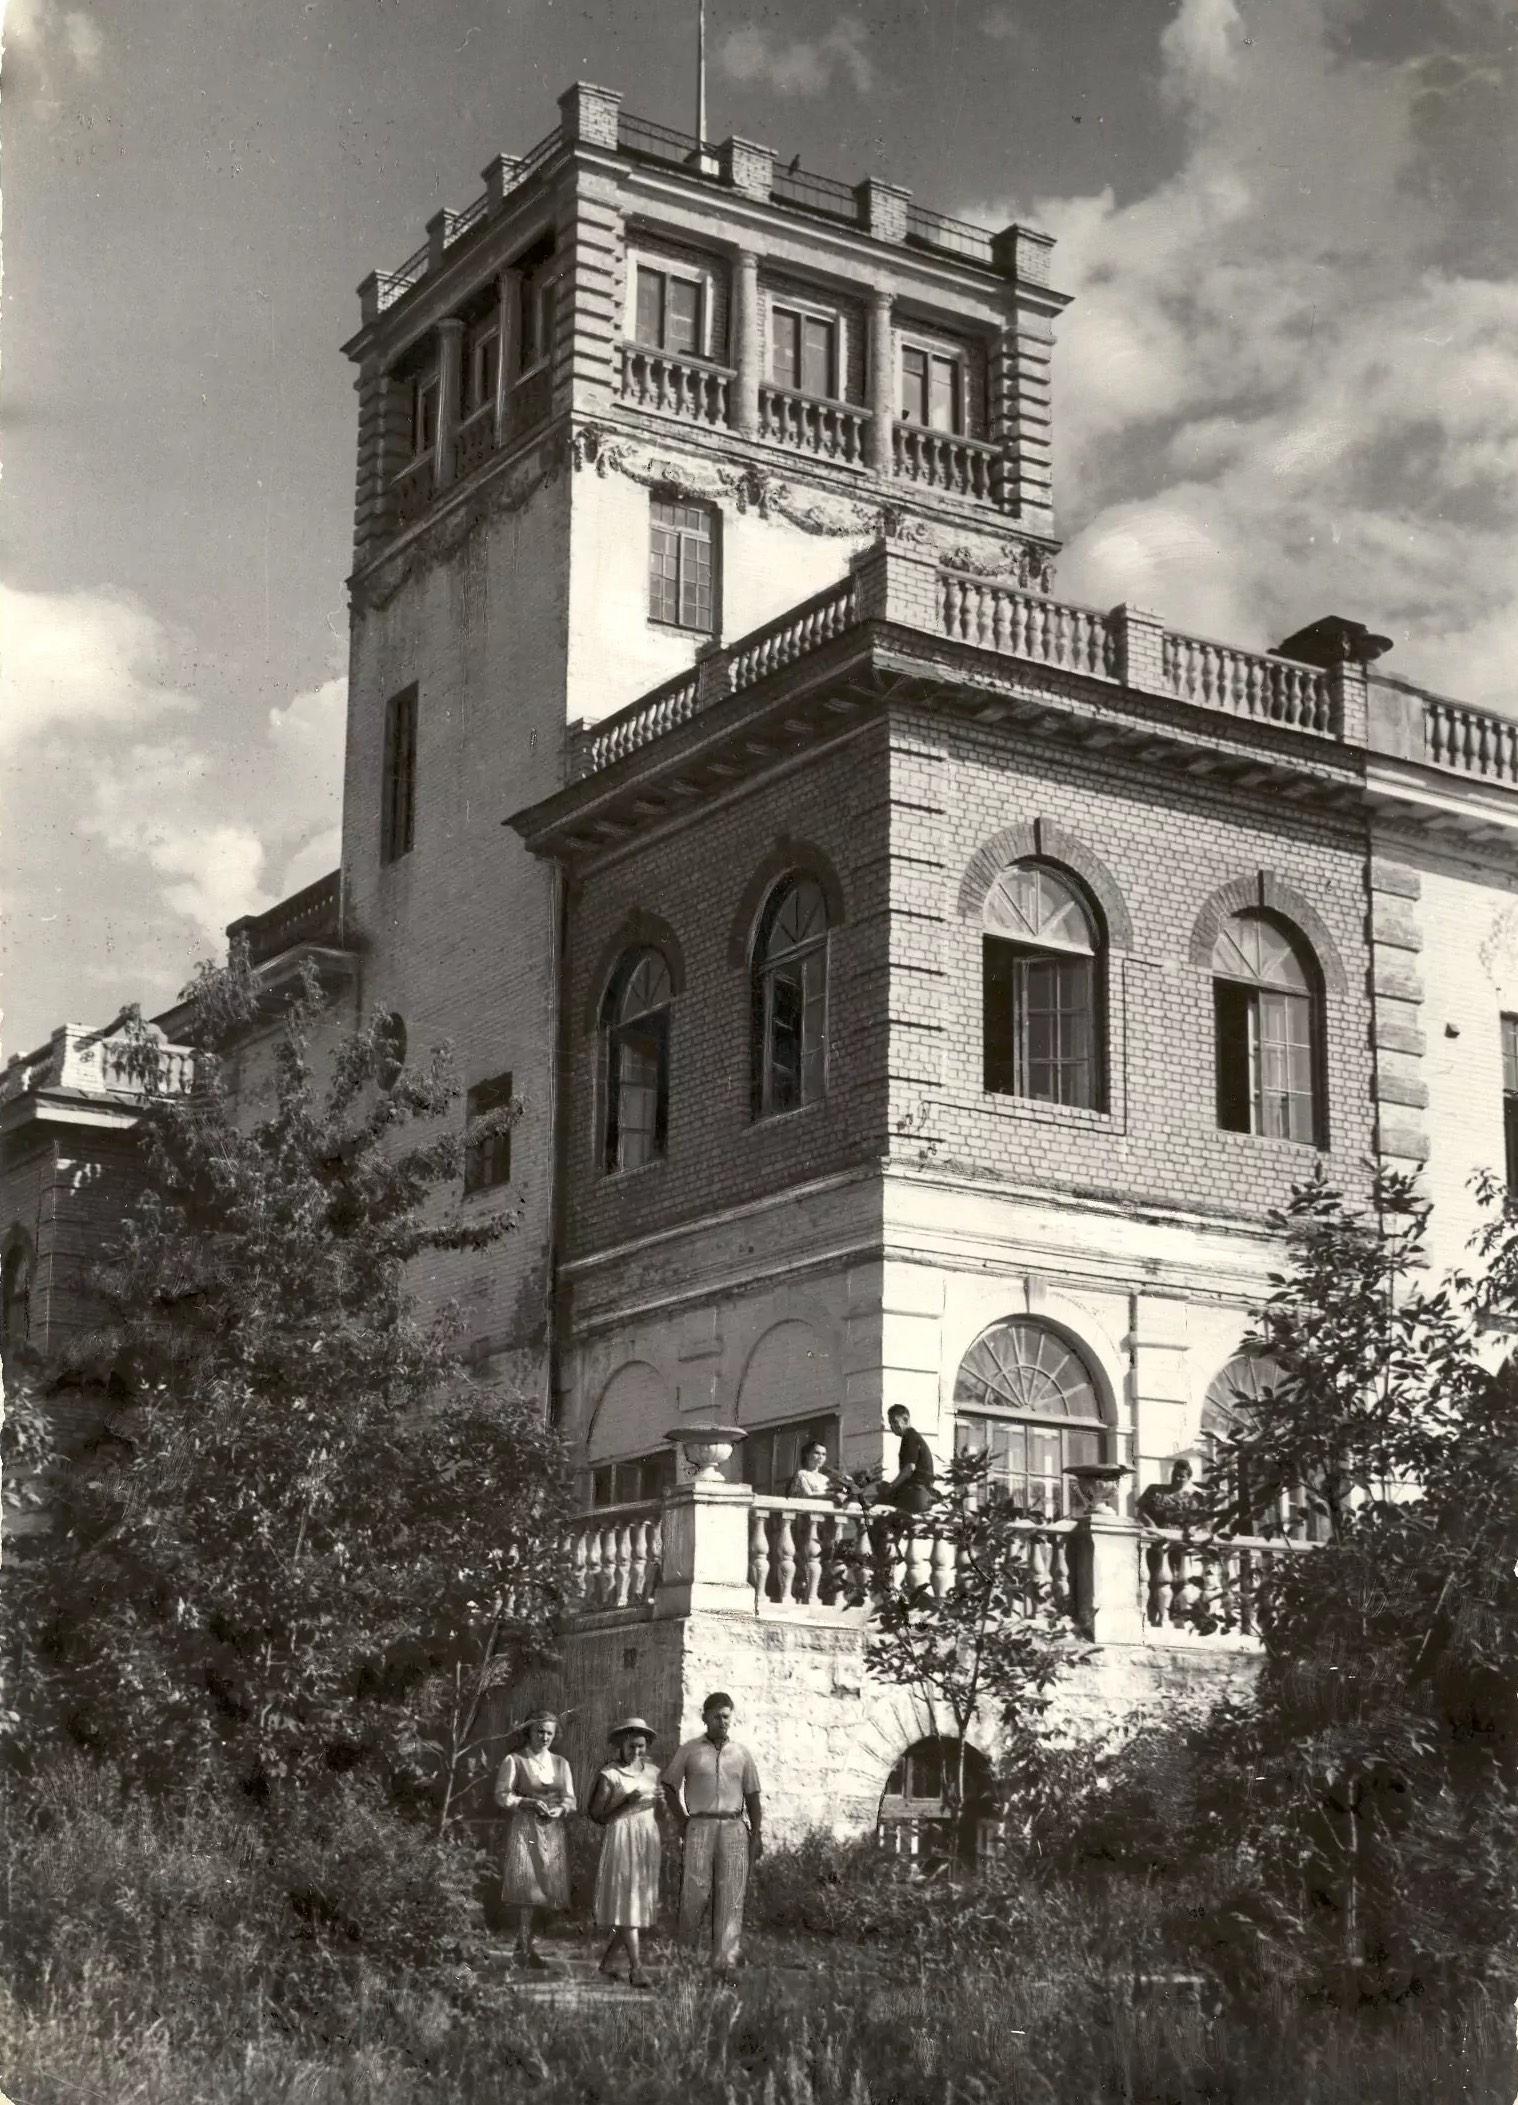 Dacha Shikhobalov, de estilo italianizante